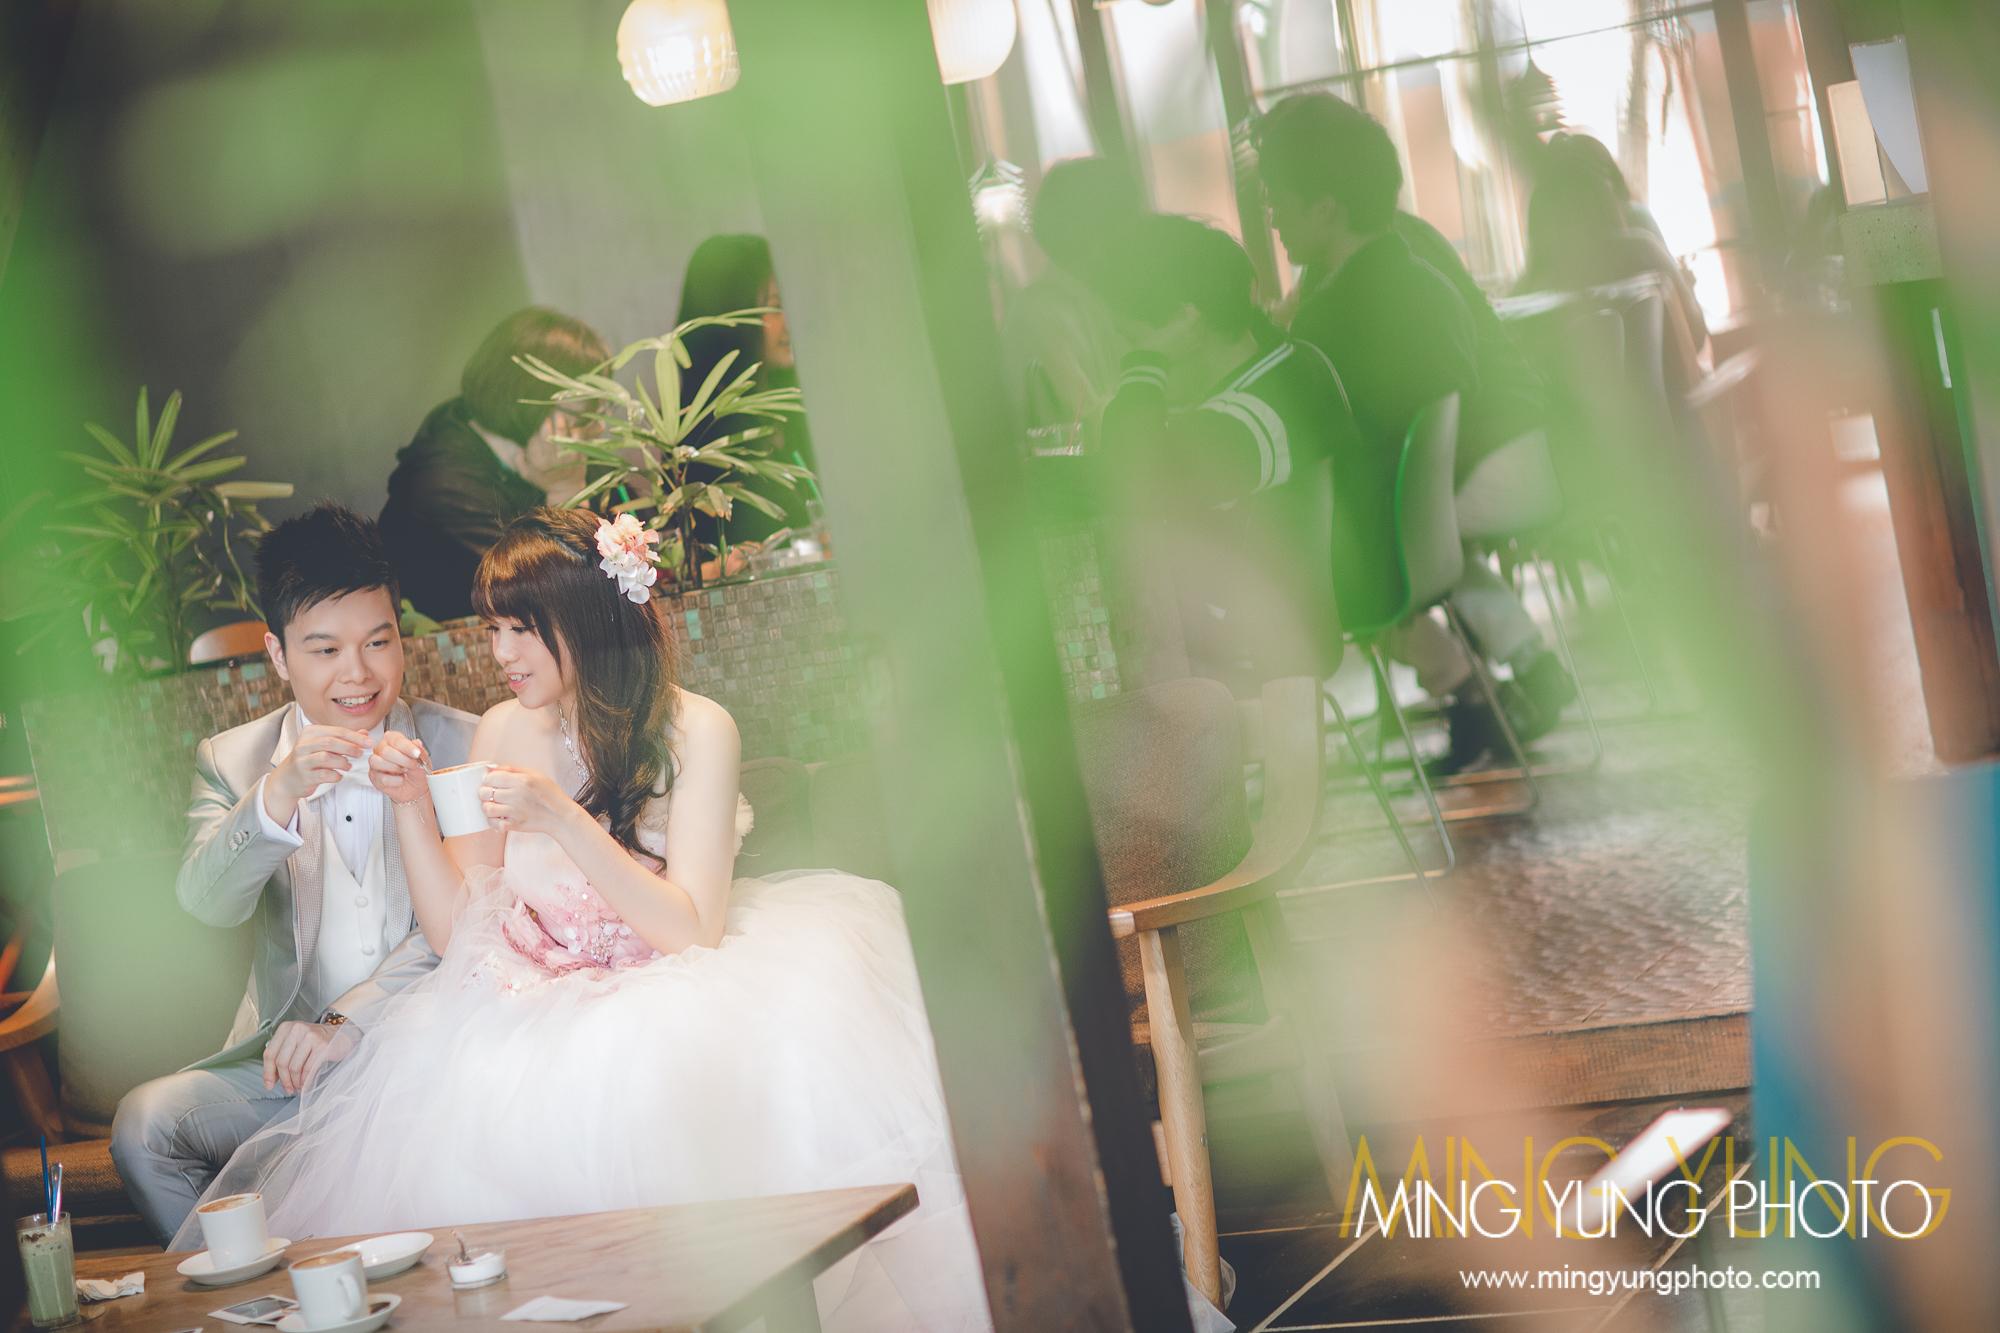 mingyungphoto-20160405-0010